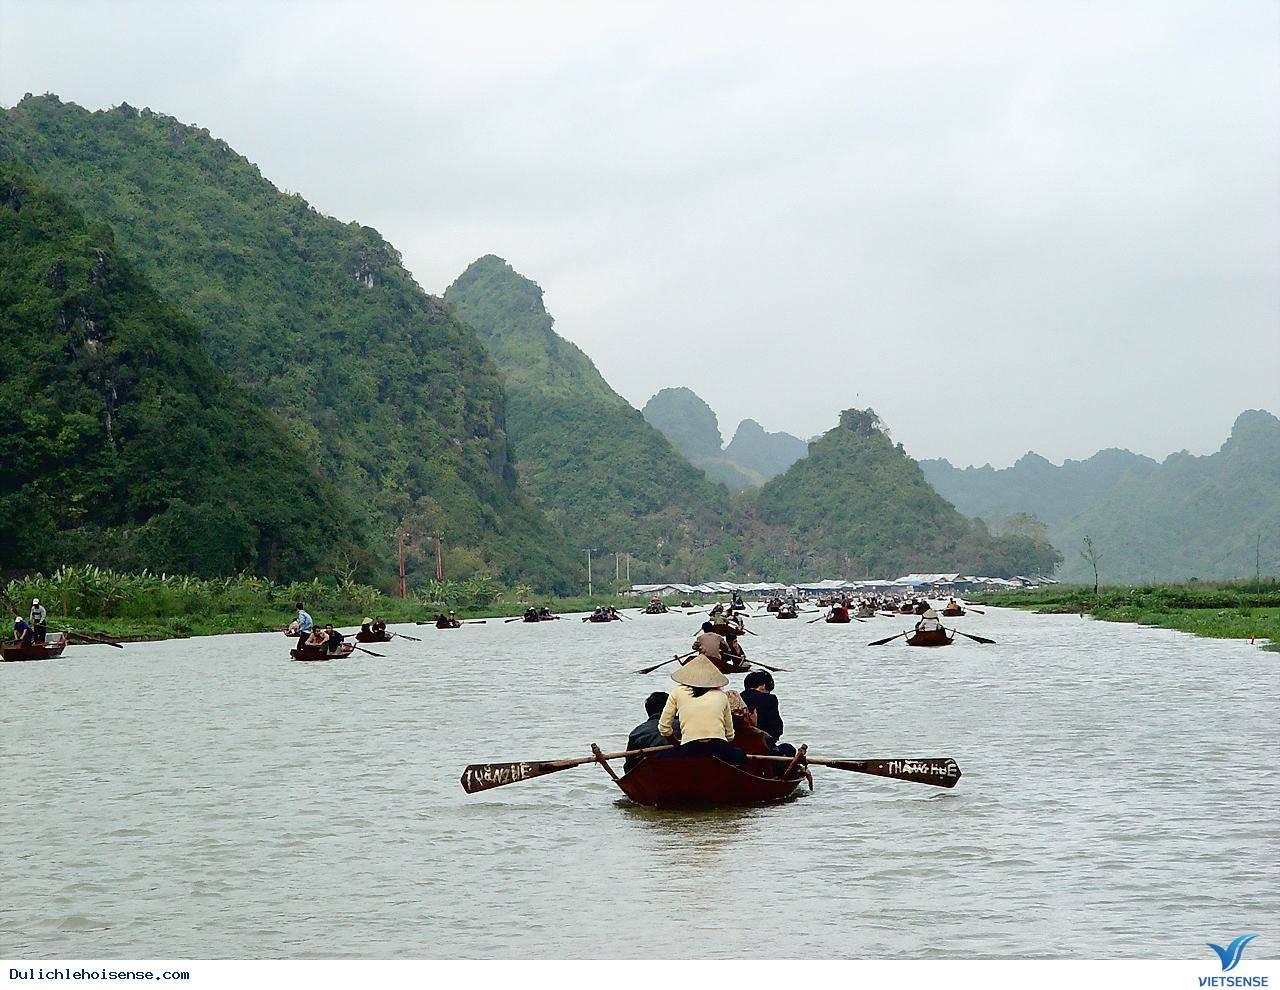 Du Lịch Lễ Hội Chùa Hương 1 Ngày, Du Lich Le Hoi Chua Huong 1 Ngay